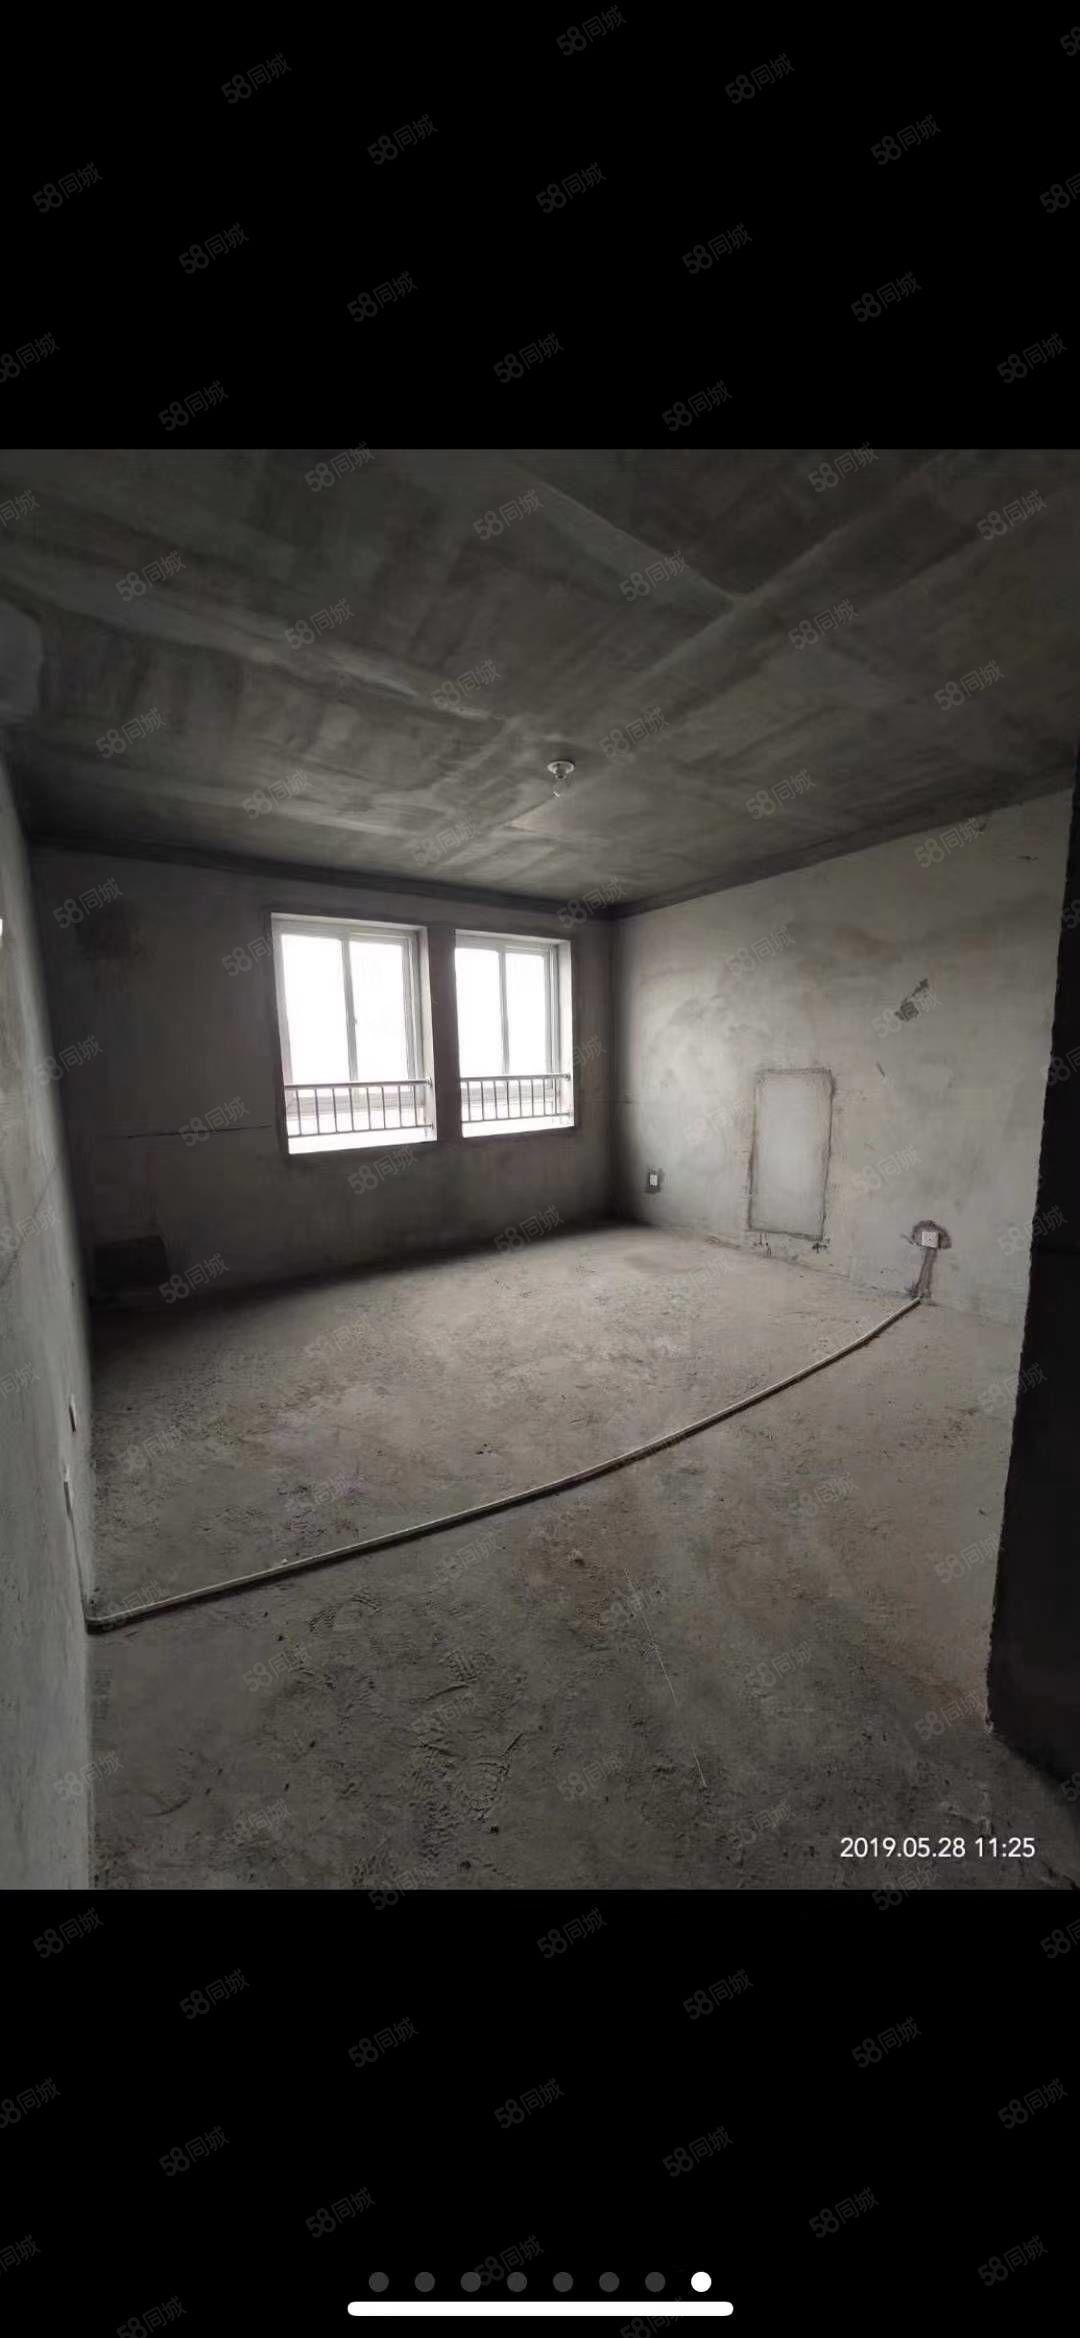 山河佳苑電梯19樓2室2廳可改3室,帶10平儲不滿二